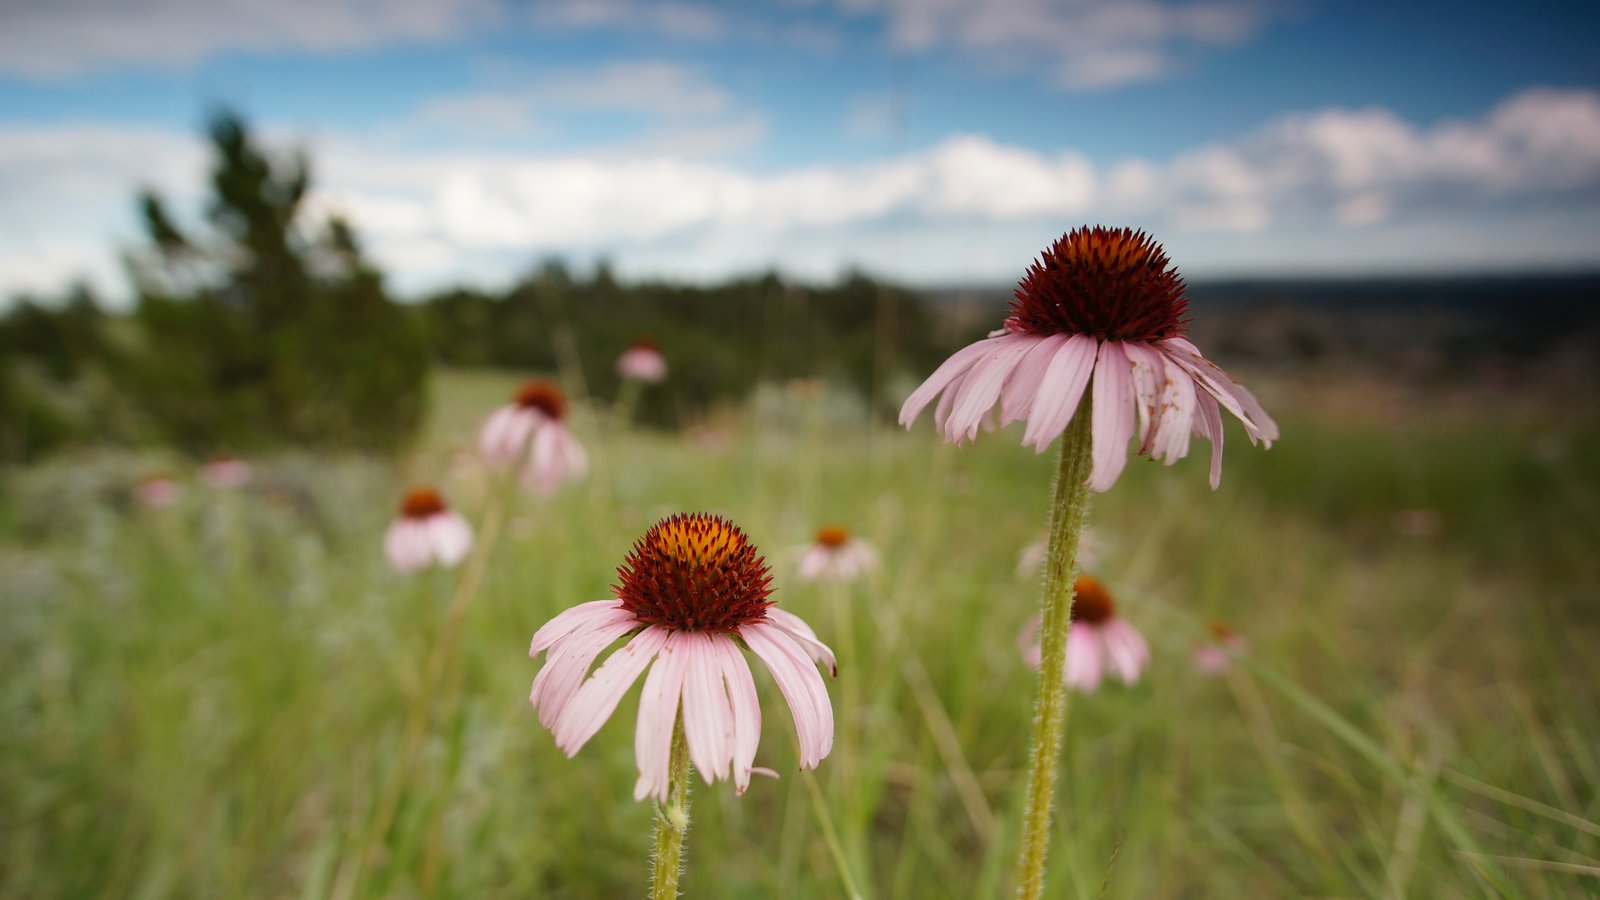 Parque Nacional de Theodore Roosevelt caracterizando flores silvestres e cenas tranquilas